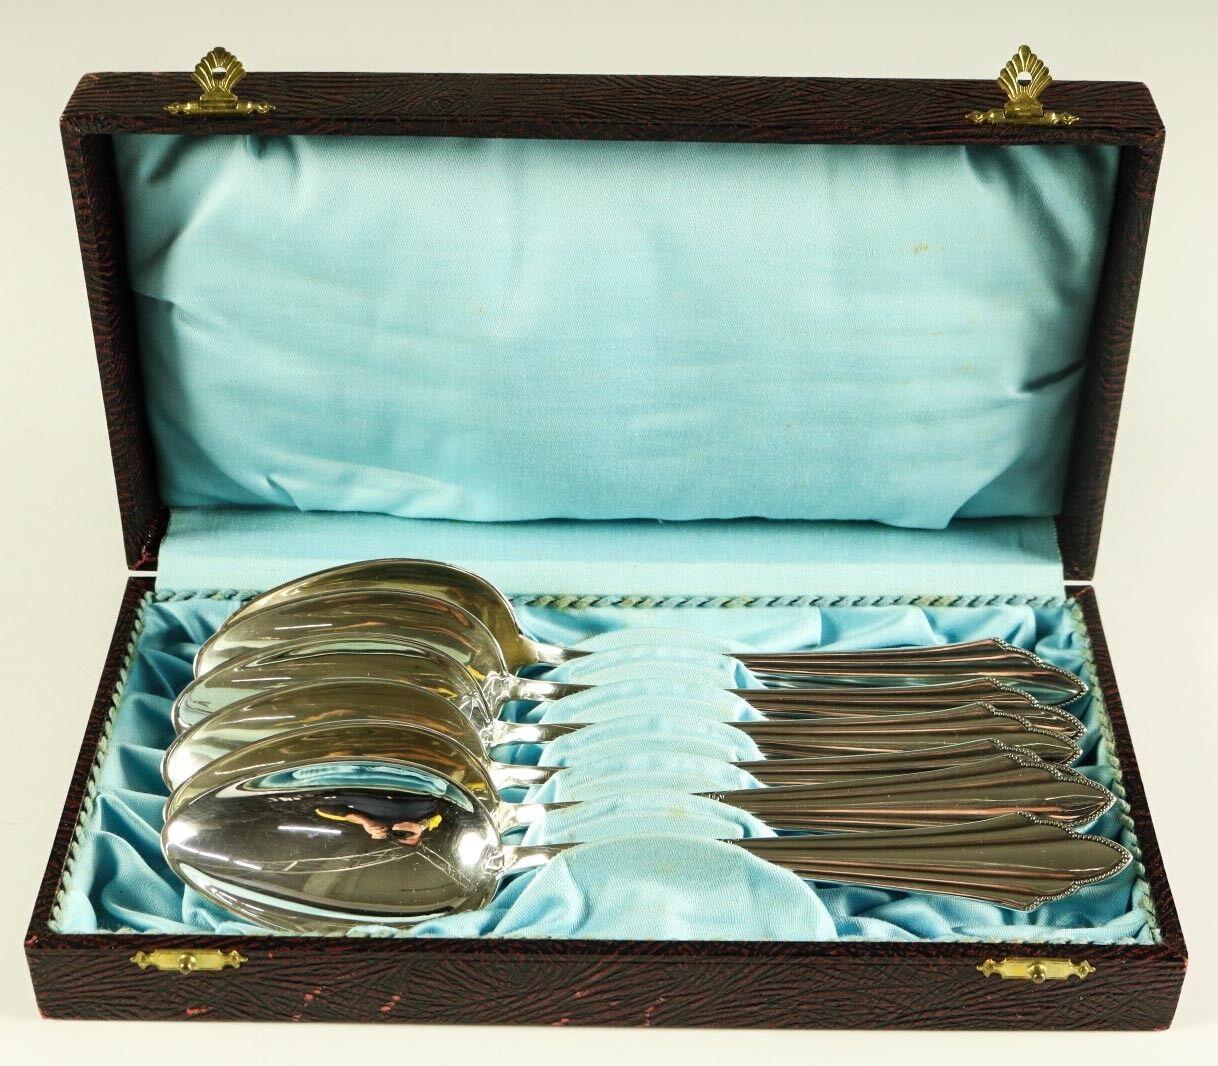 WMF 900 Fächermuster Tafel Löffel 21 cm Silber 90er Top Zustand in Box